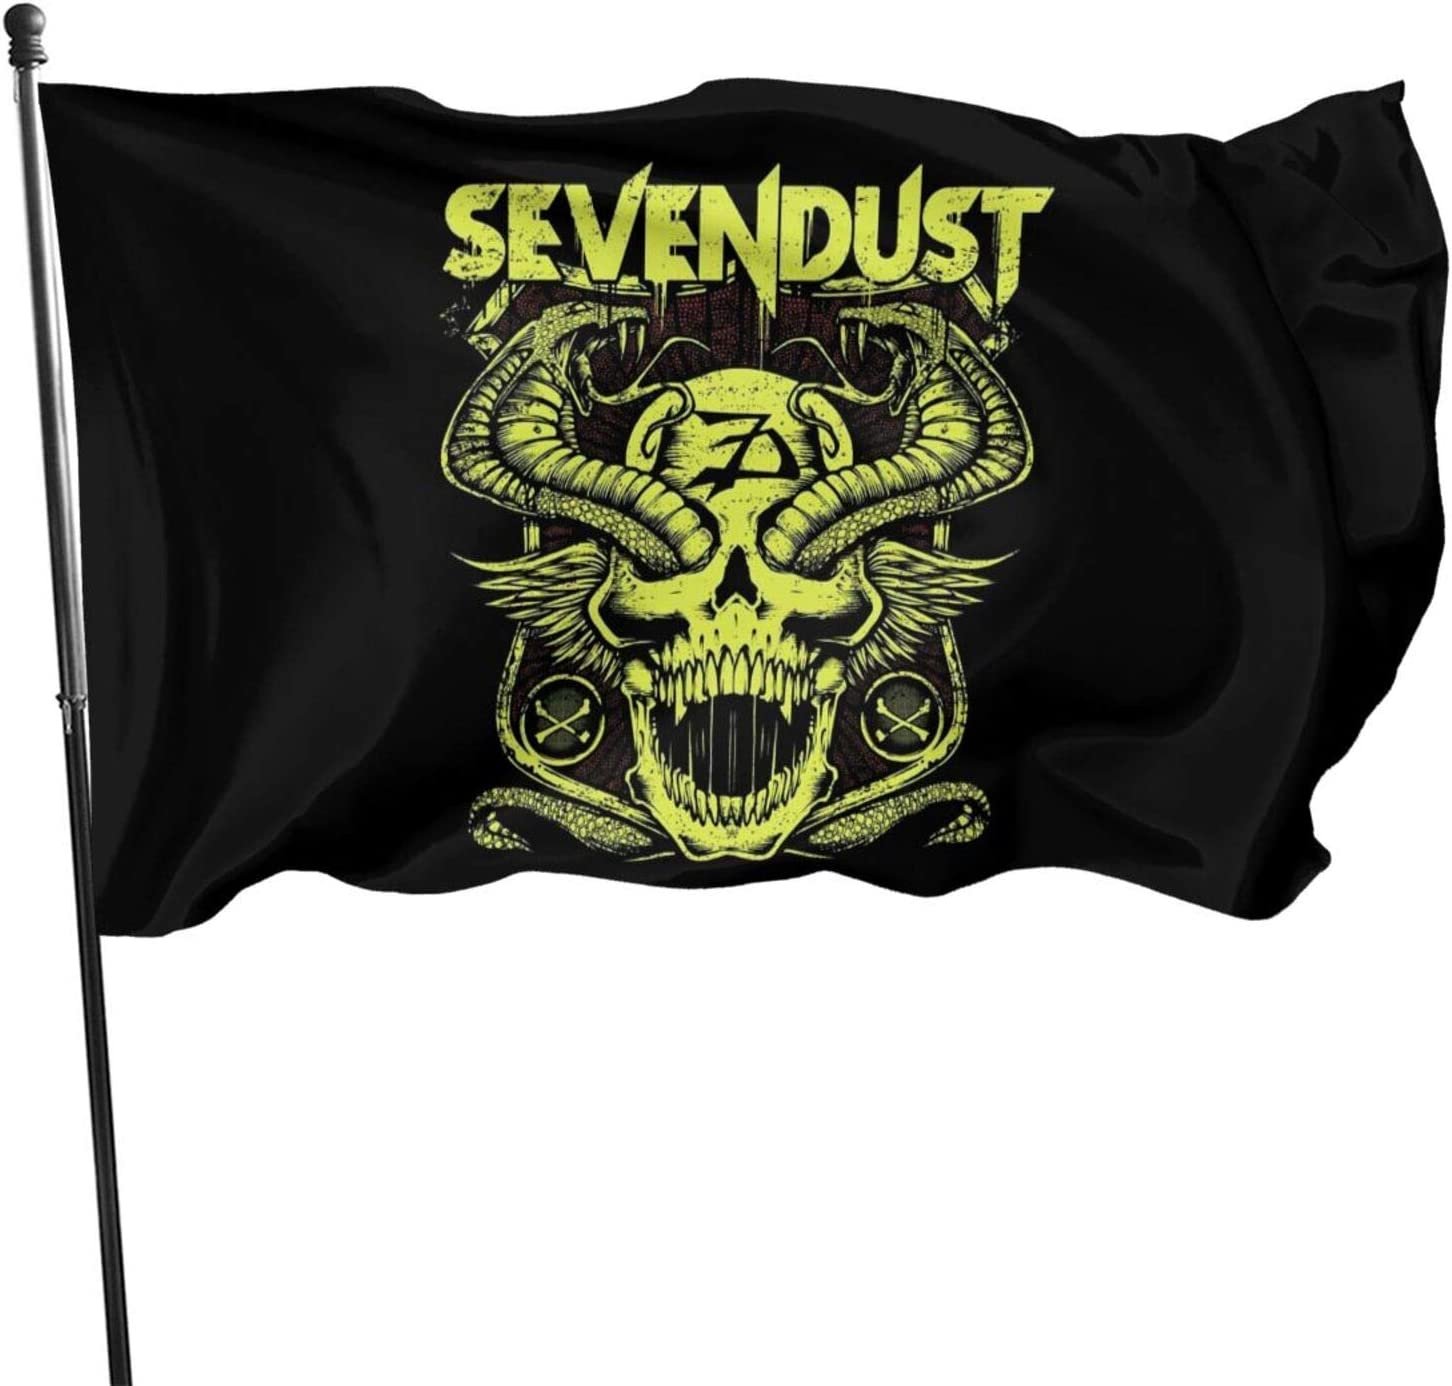 Fdivfdac Sevendust Garden Flag Spring and Summer Yard Outdoor Decoration Flags 3x5 Ft